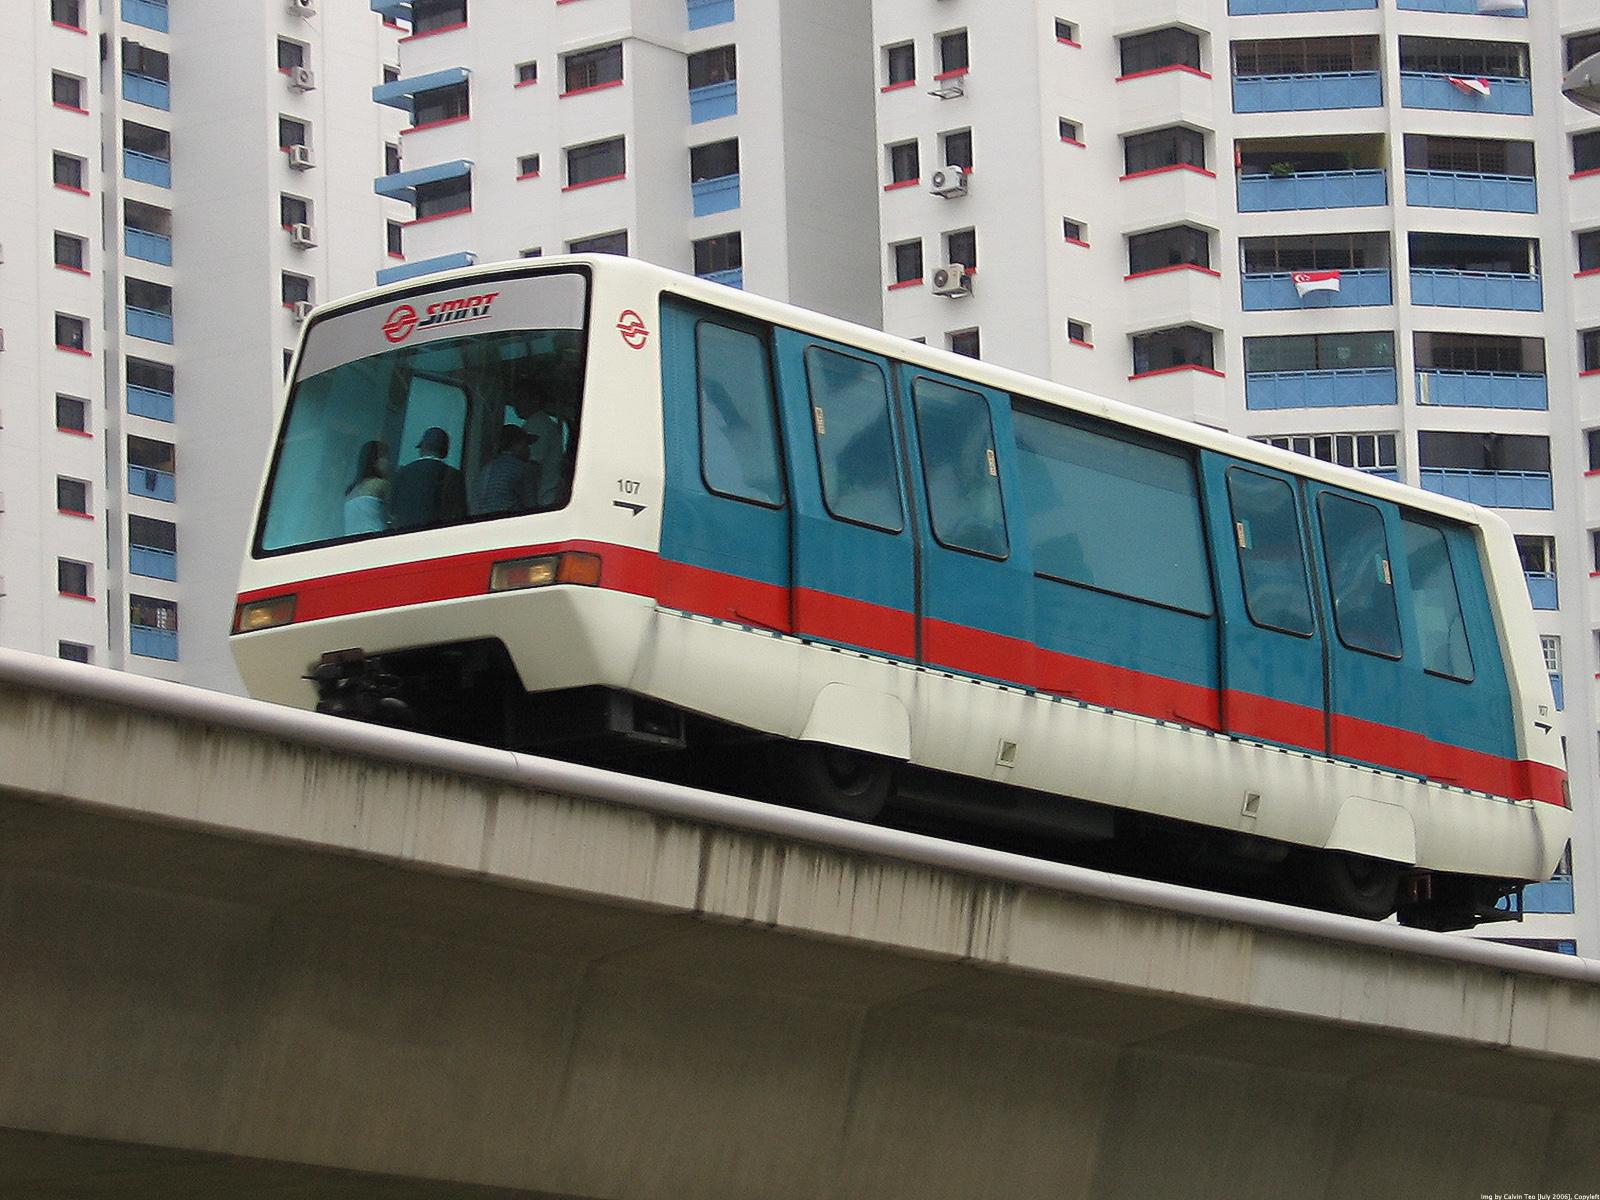 Bukit_Panjang_LRT_Cars.jpg